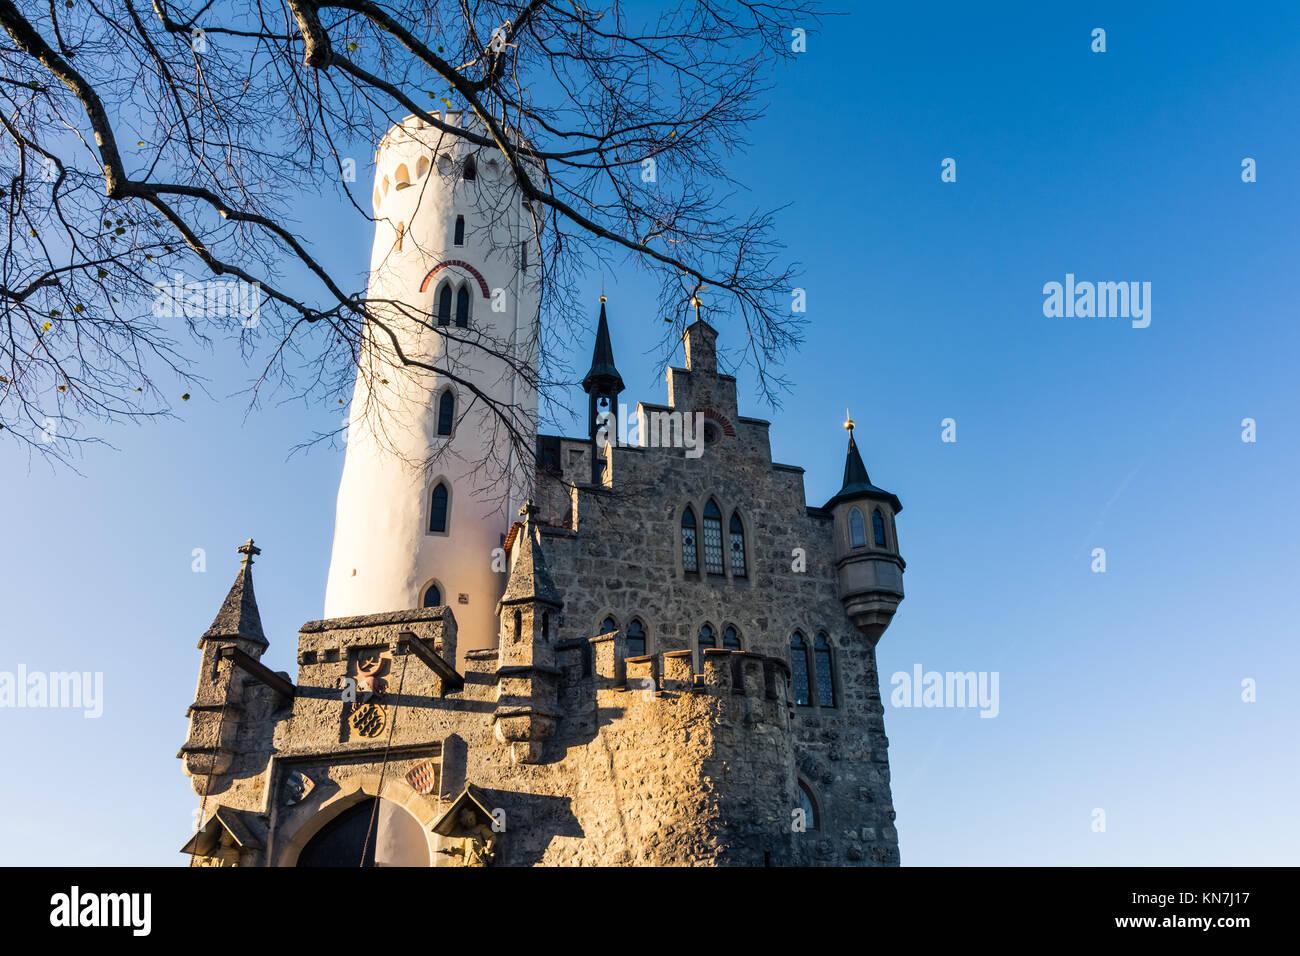 Schloss Lichtenstein Castle Germany Baden-Wuerttemberg Swabian Alb Mountain Castle Fairy Tale Landscape Fortress Stock Photo